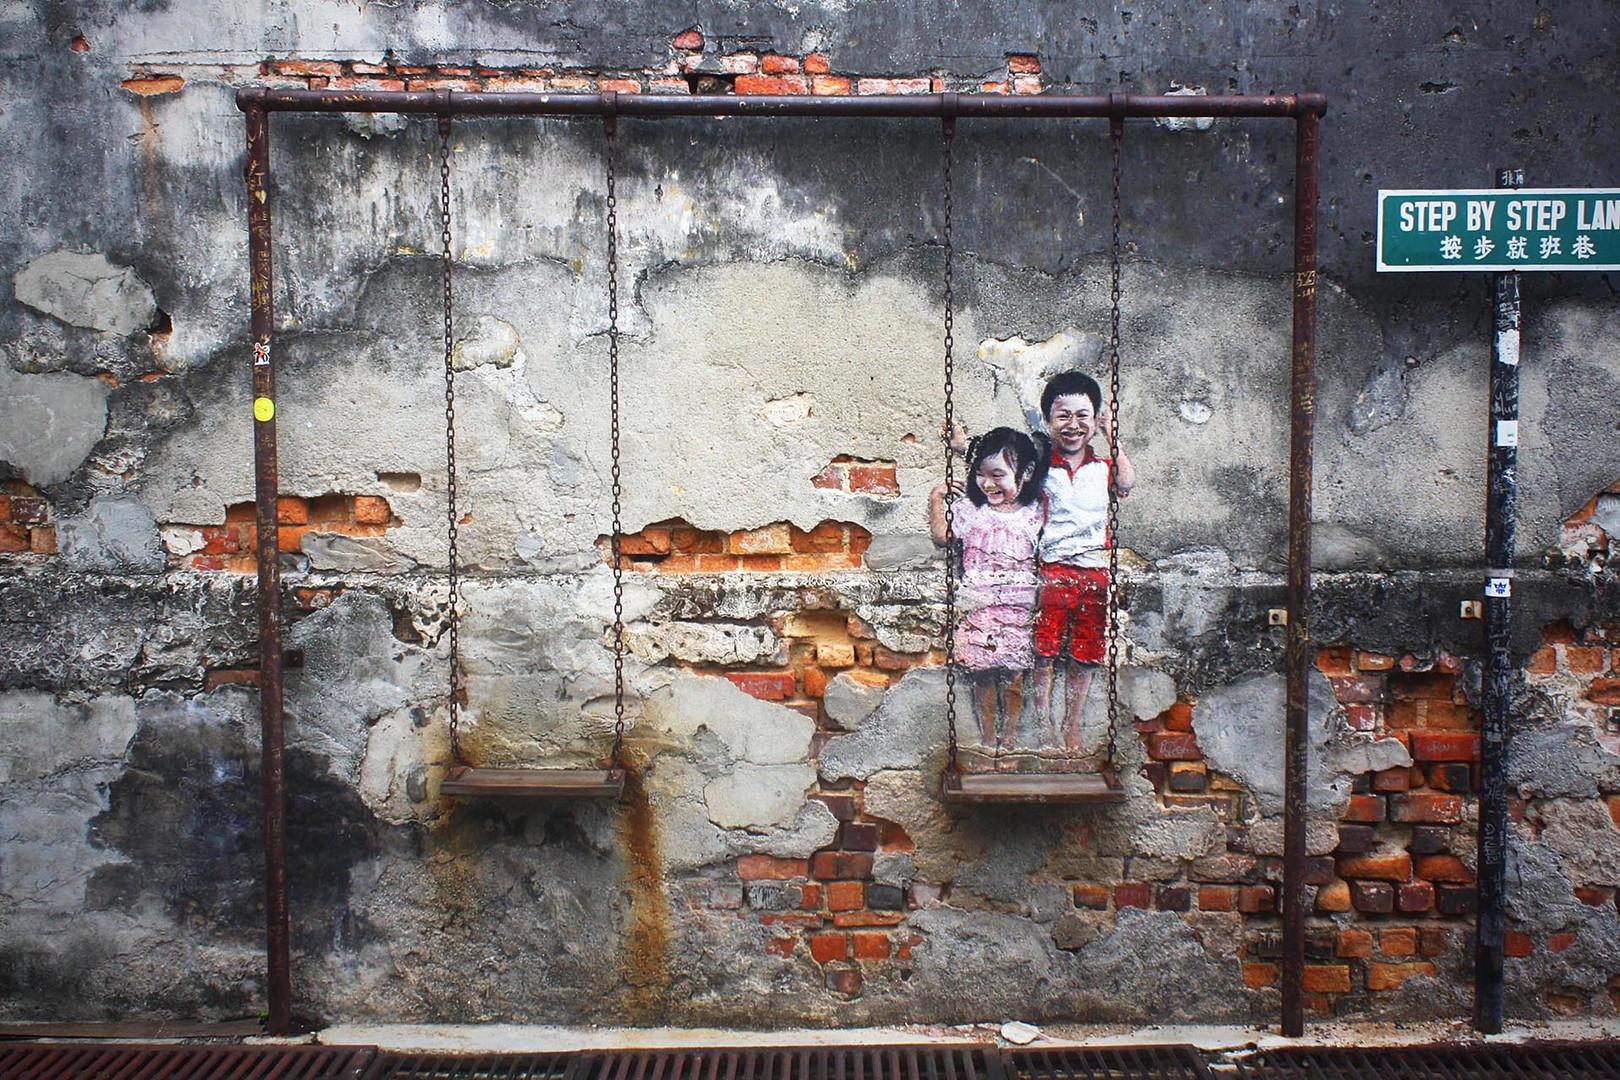 Penang Street Art Children on the Swing